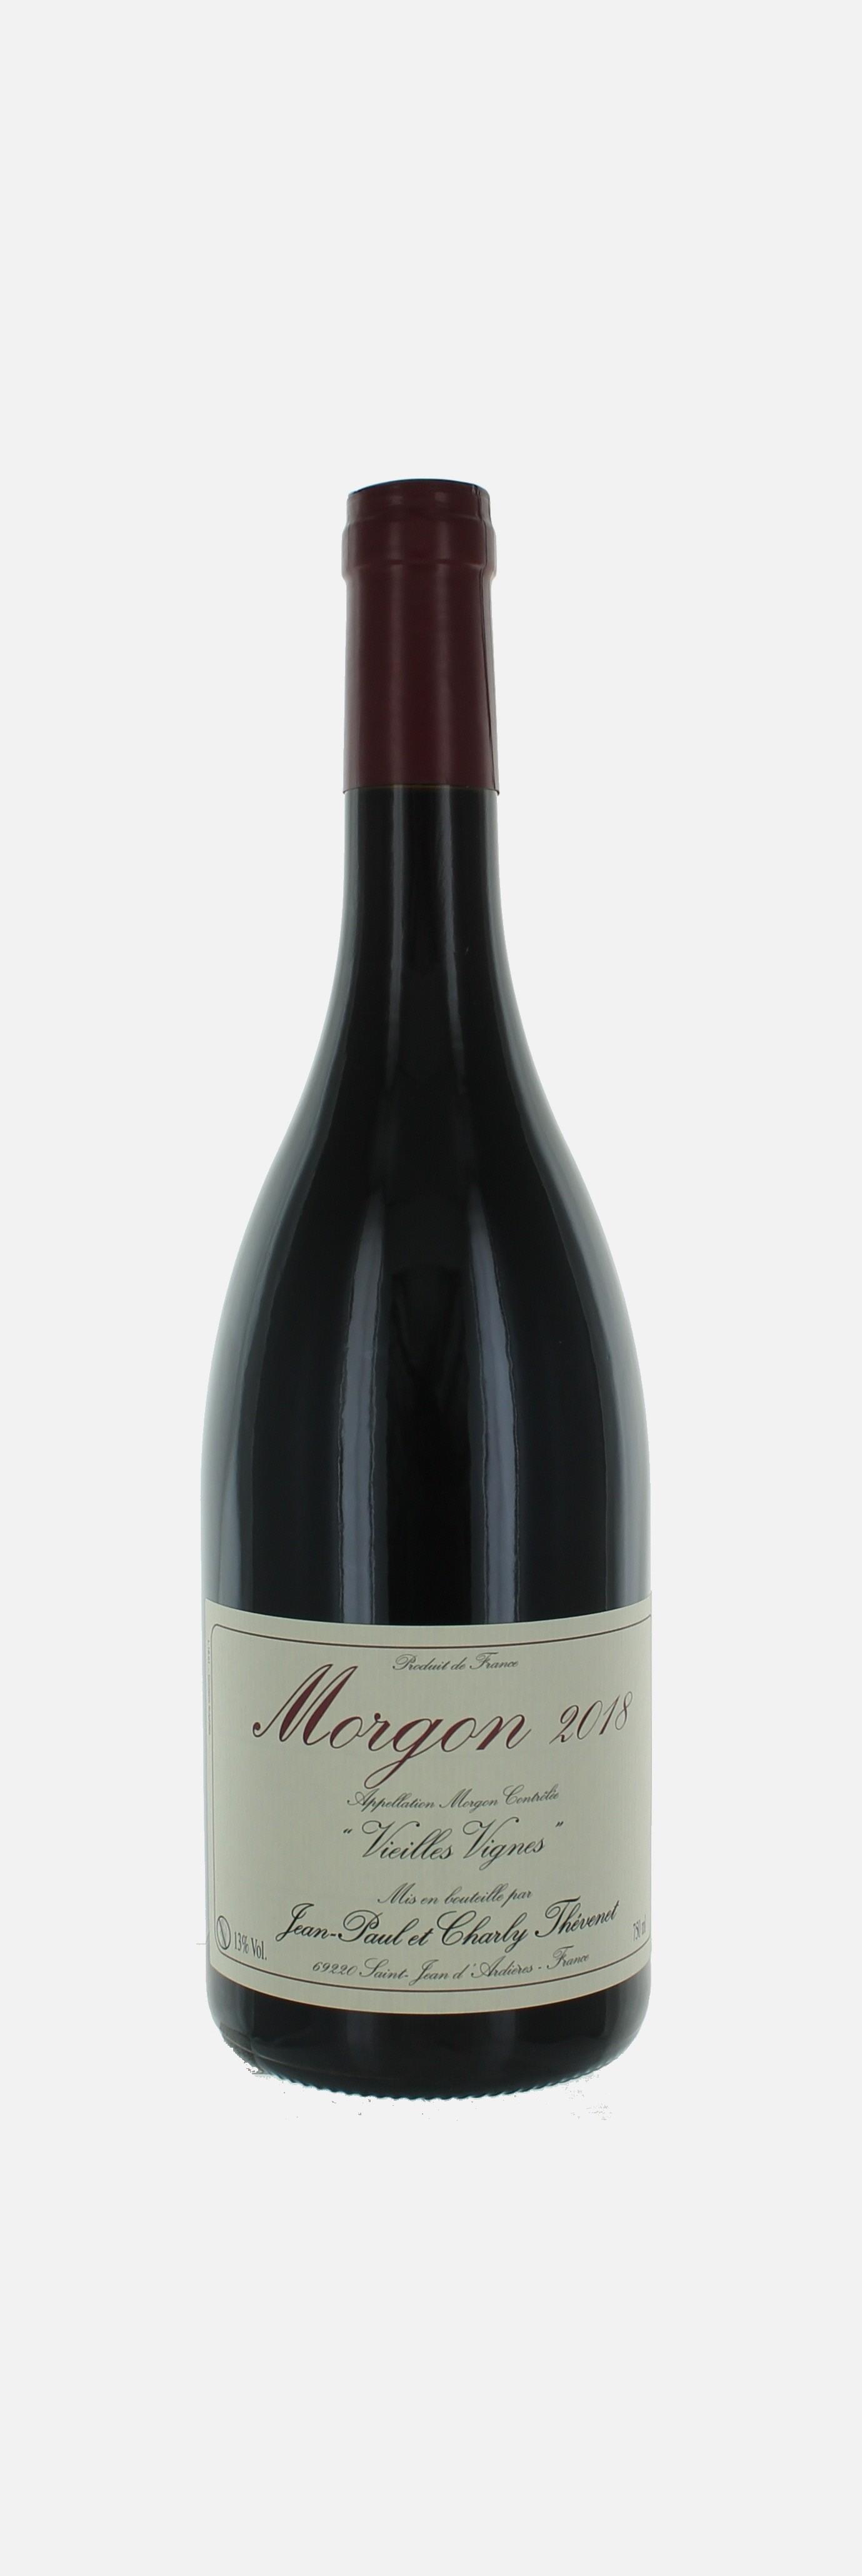 Morgon Vieilles Vignes, Jean paul Thévenet